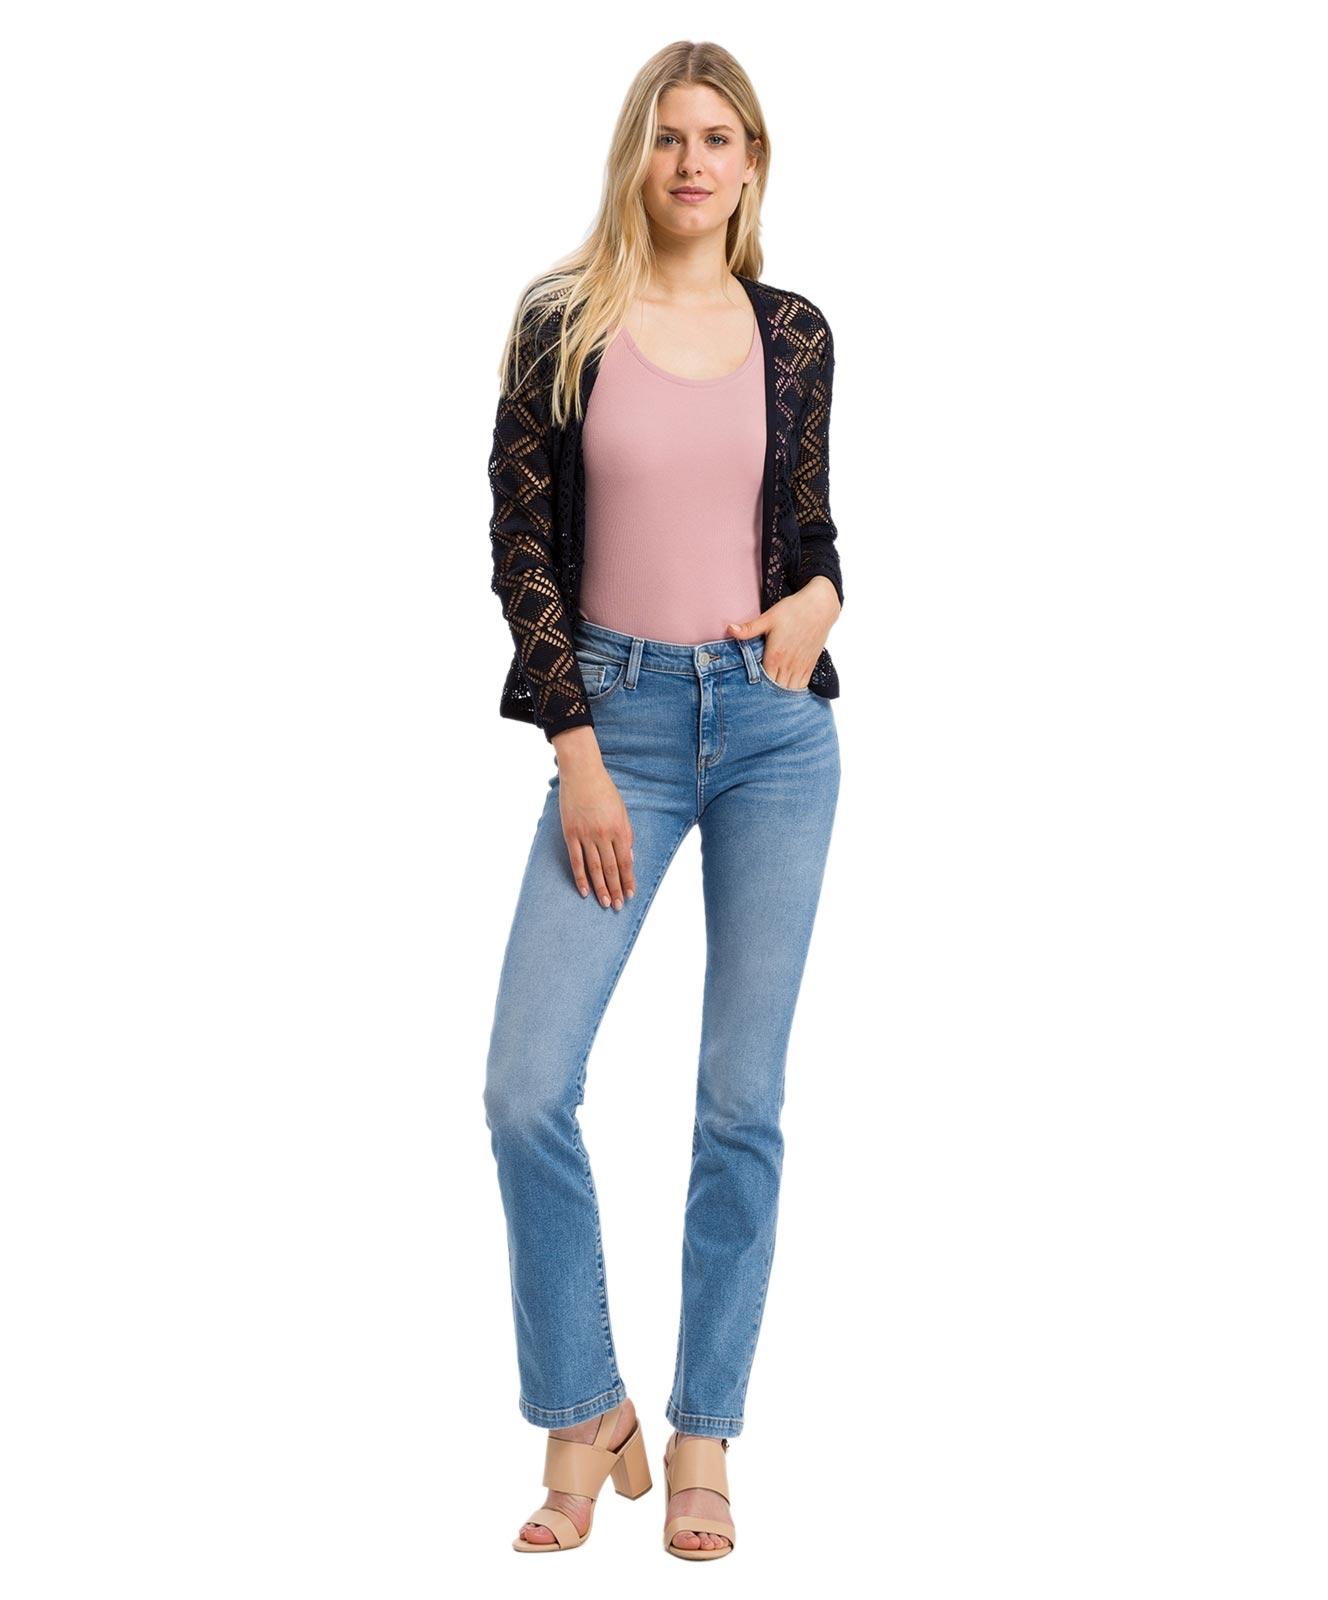 Hosen - Cross Bootcut Jeans Lauren in Light Blue  - Onlineshop Jeans Meile